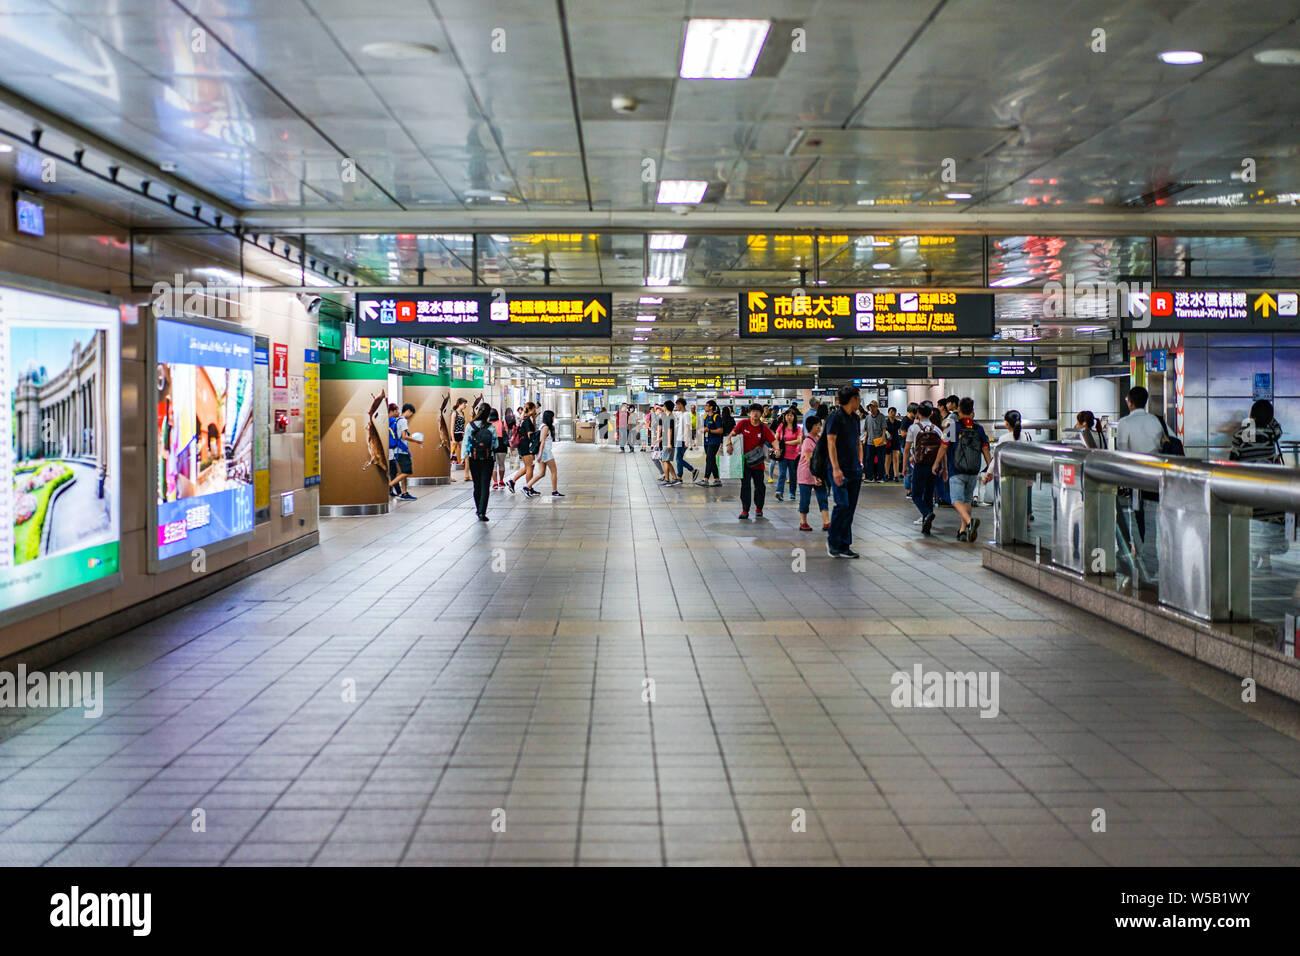 Mrt Taipei Taiwan Stock Photos & Mrt Taipei Taiwan Stock